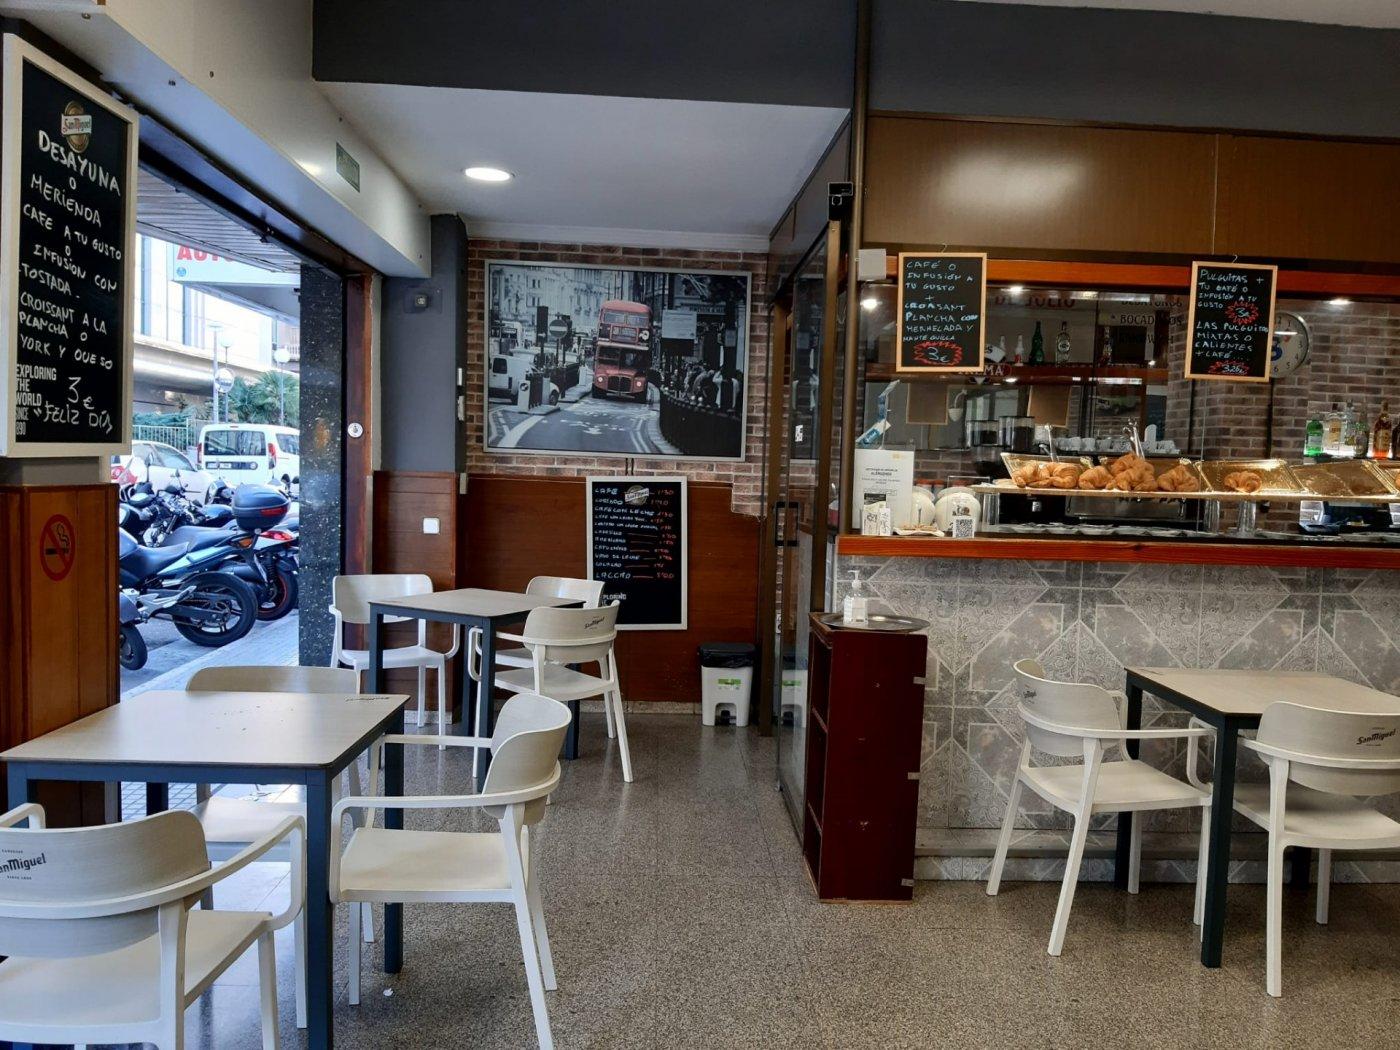 Oportunidad de traspaso de bar en excelente ubicación. centro de palma - imagenInmueble10